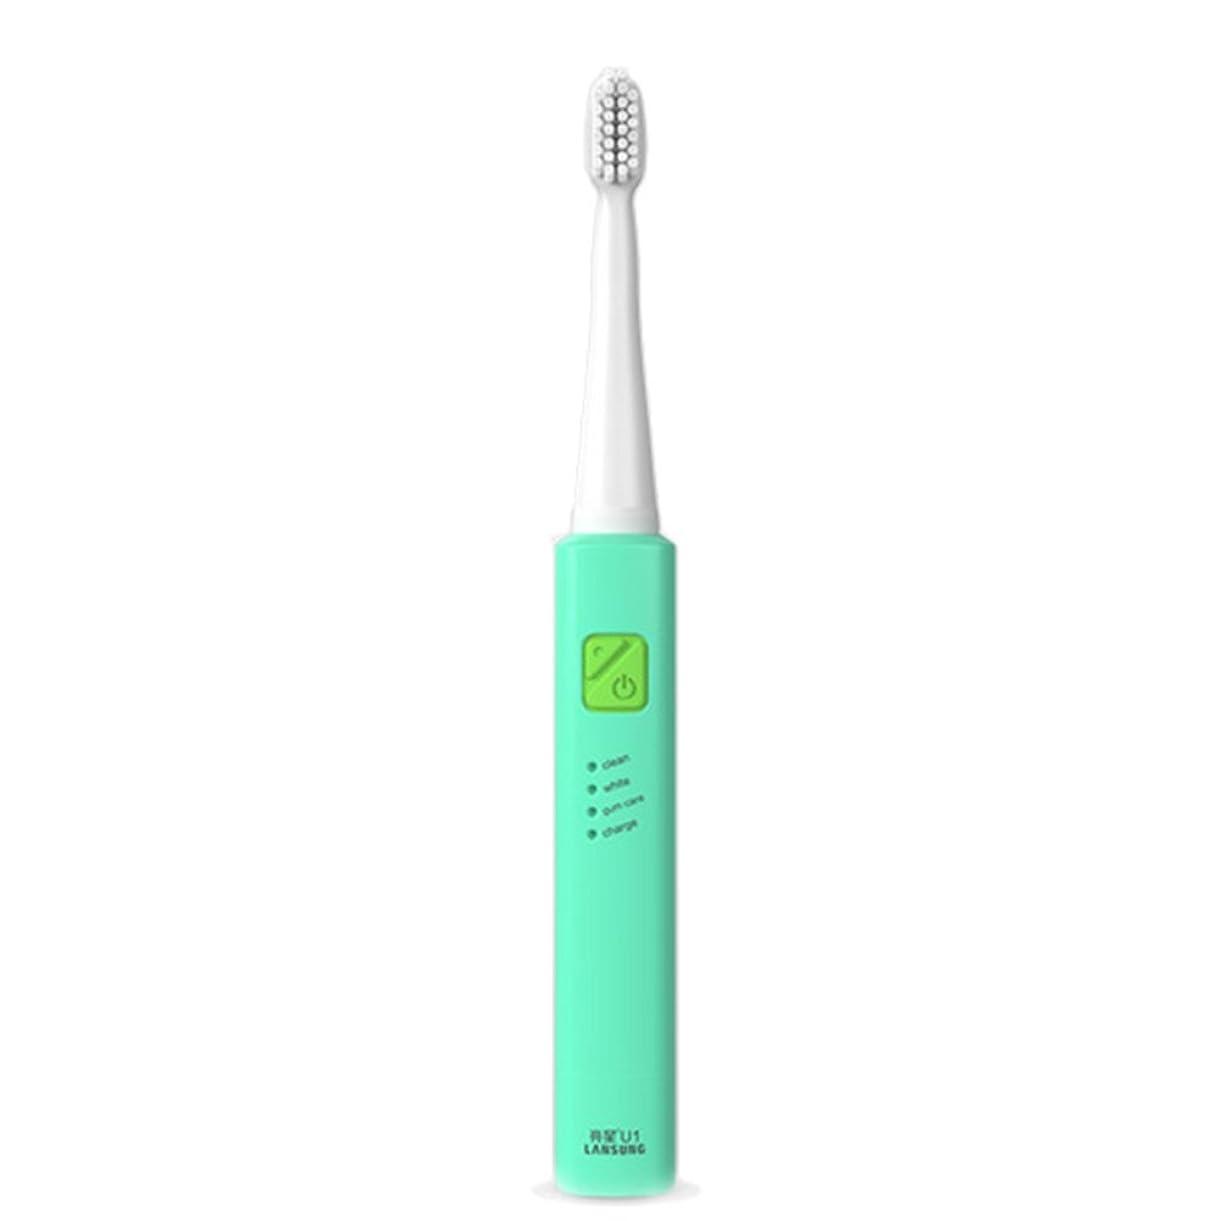 持ってるコイル胚芽電子歯ブラシ 超音波ロータリー ノンスリップ防水歯ブラシ 歯科口腔衛生